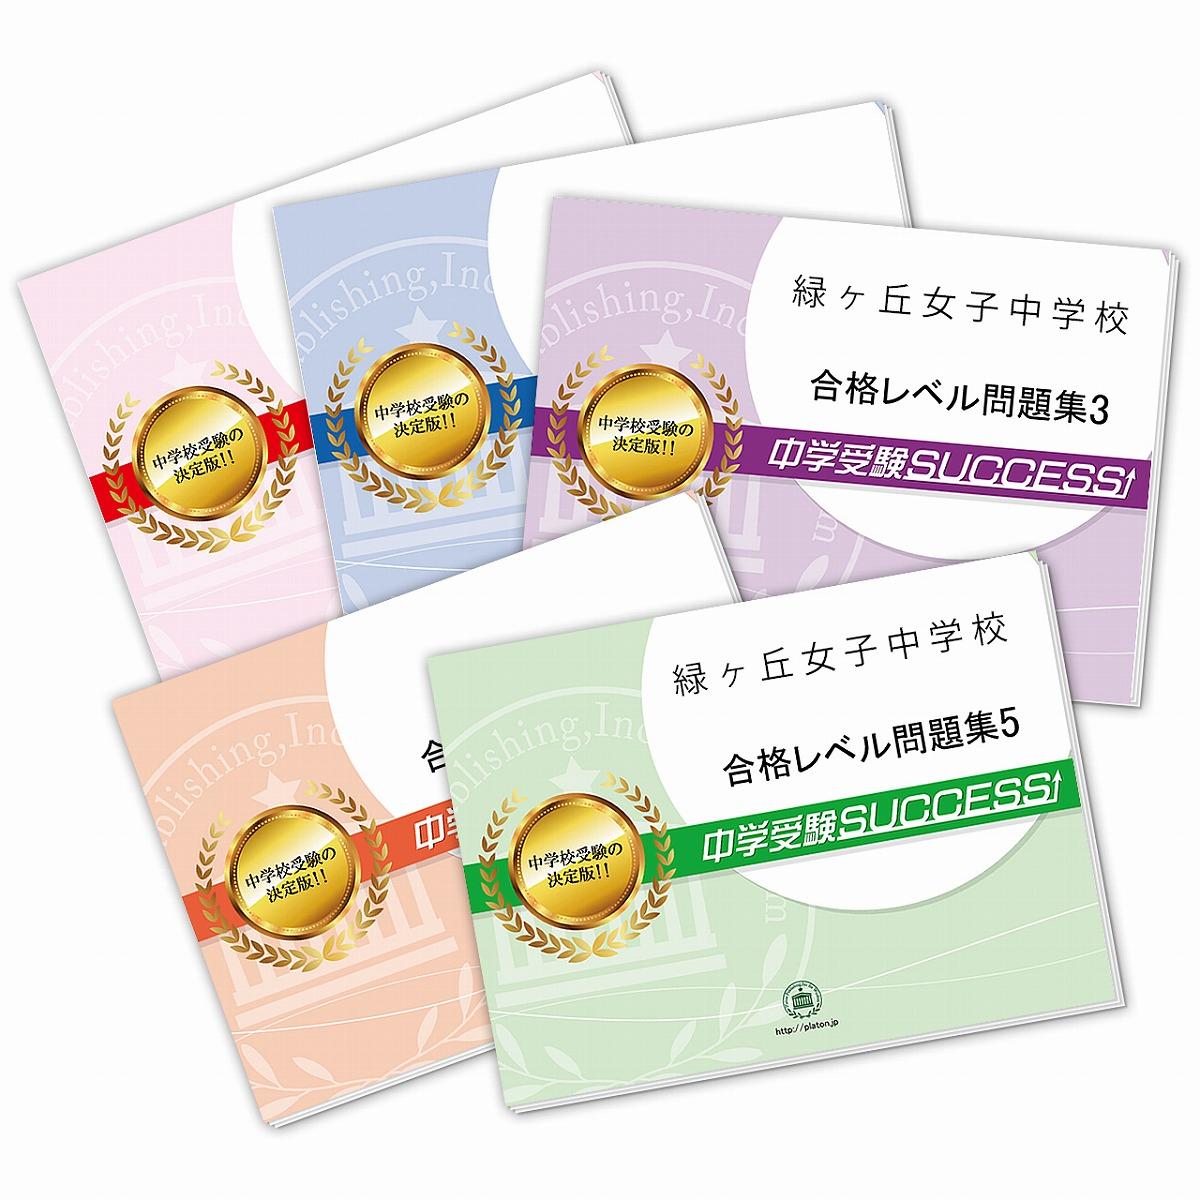 【送料・代引手数料無料】緑ヶ丘女子中学校・直前対策合格セット(5冊)